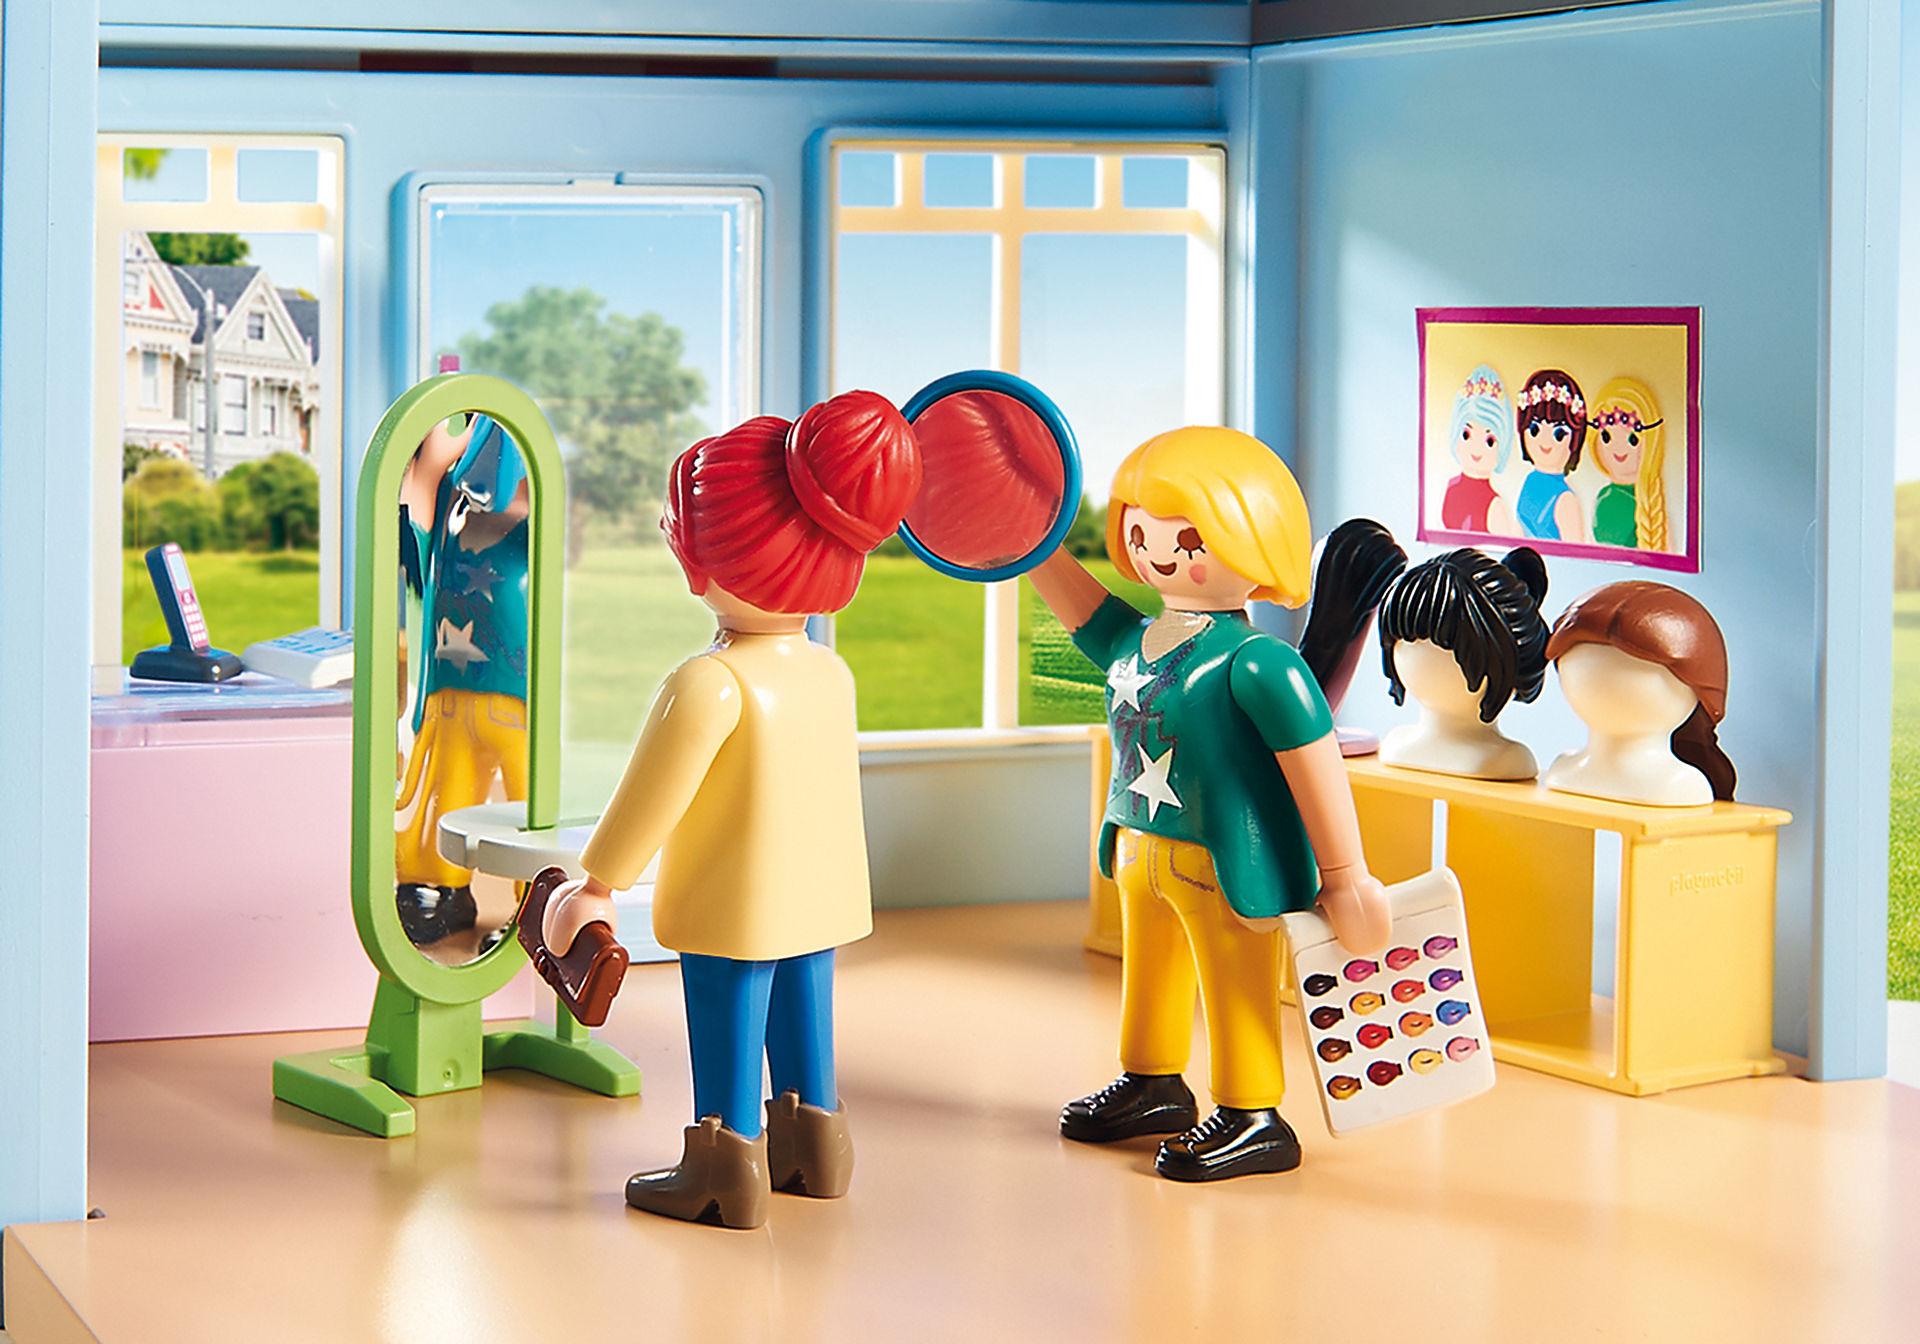 70376 Salon de coiffure  zoom image4